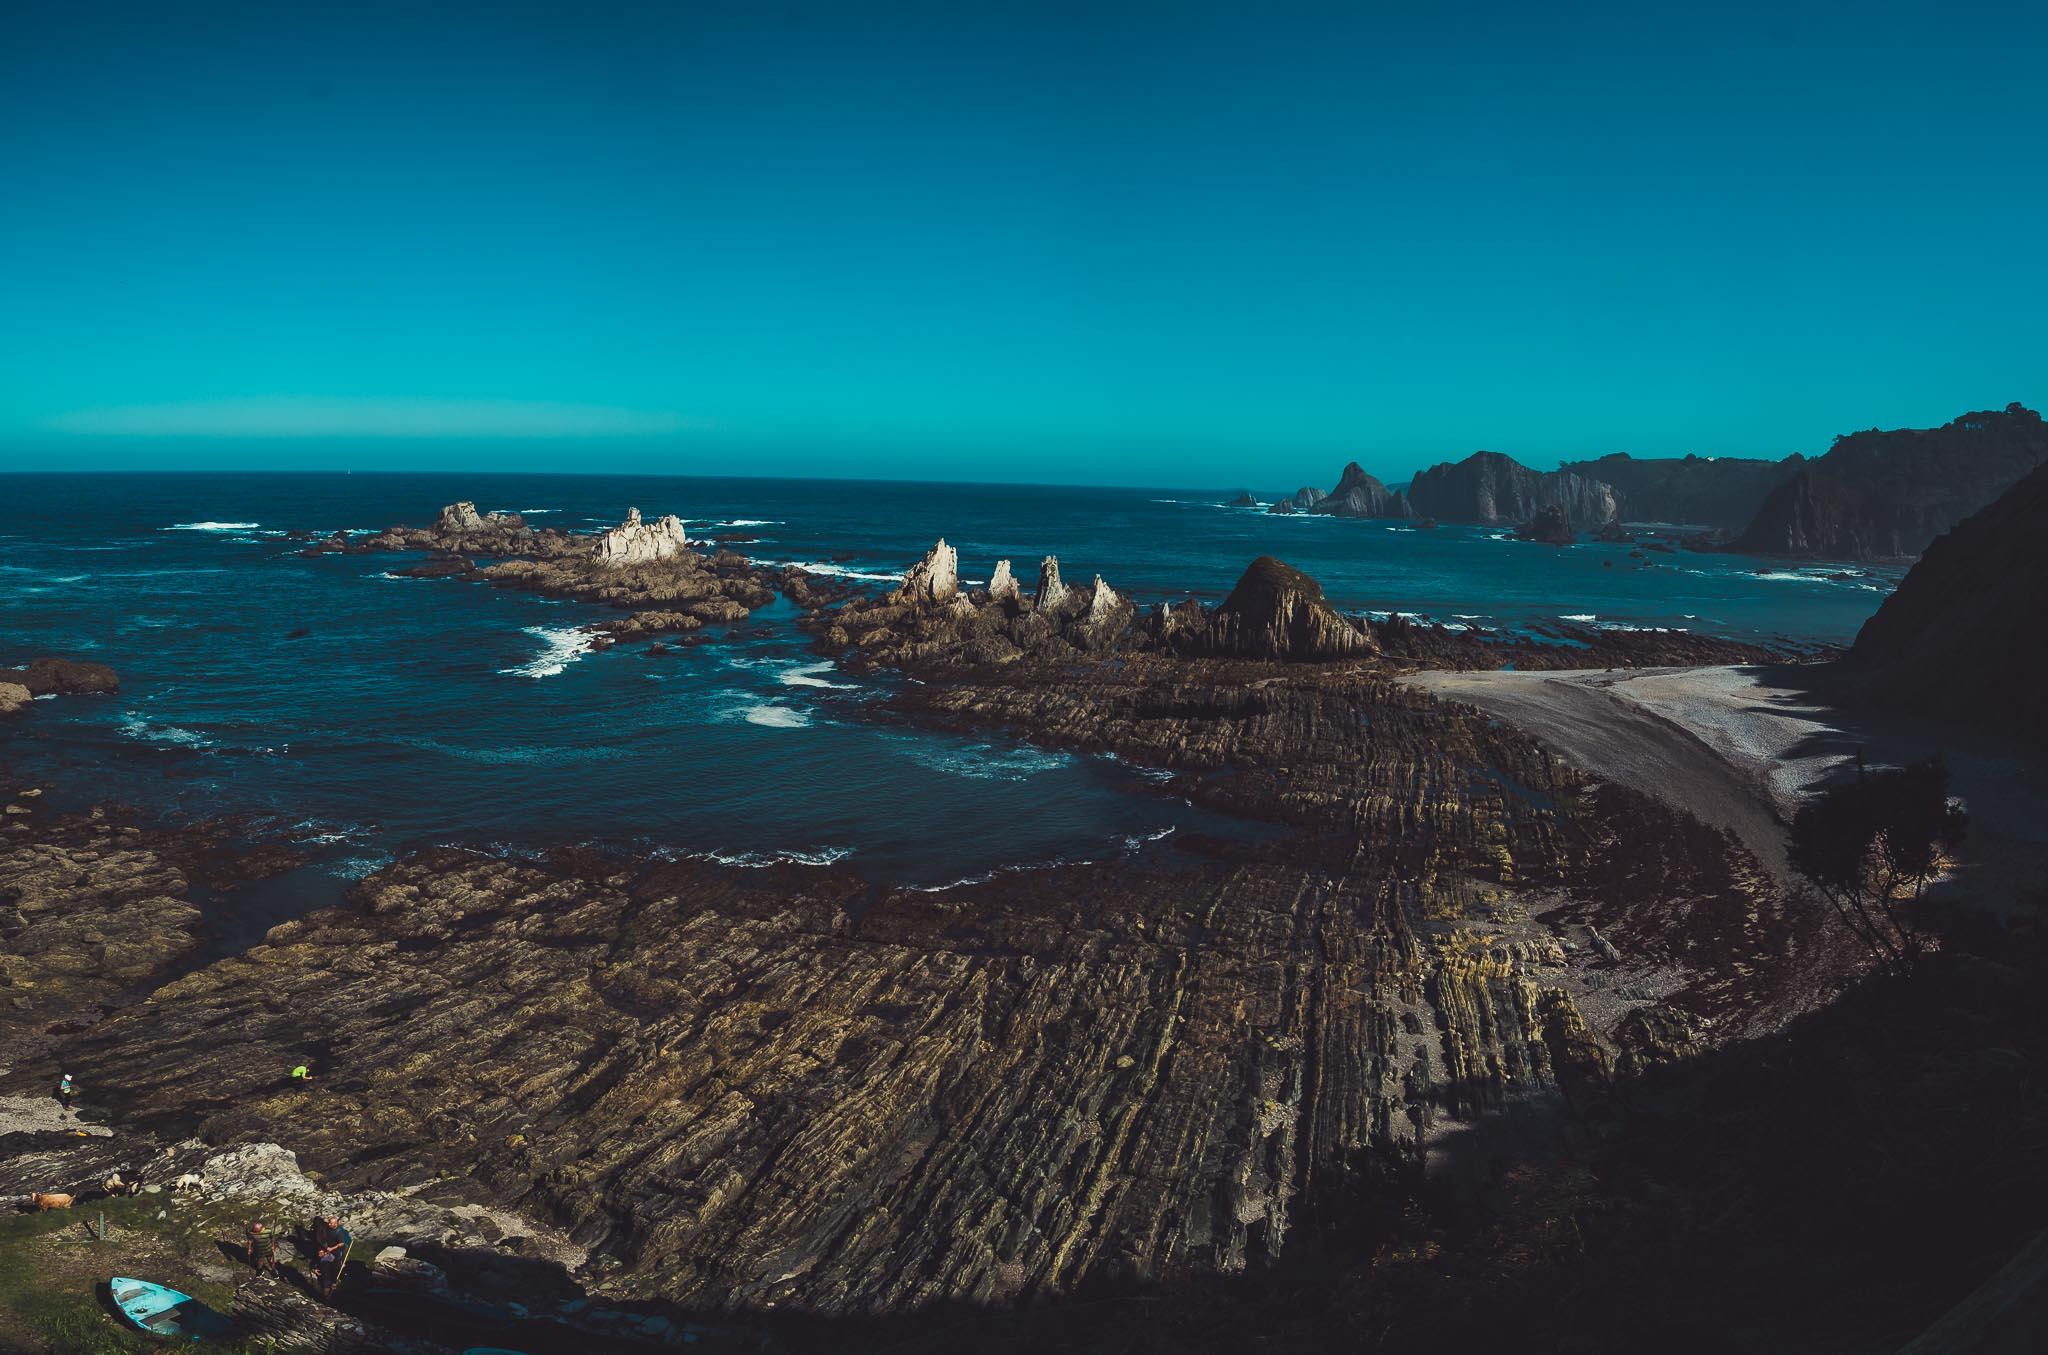 Playa de La Gueirua